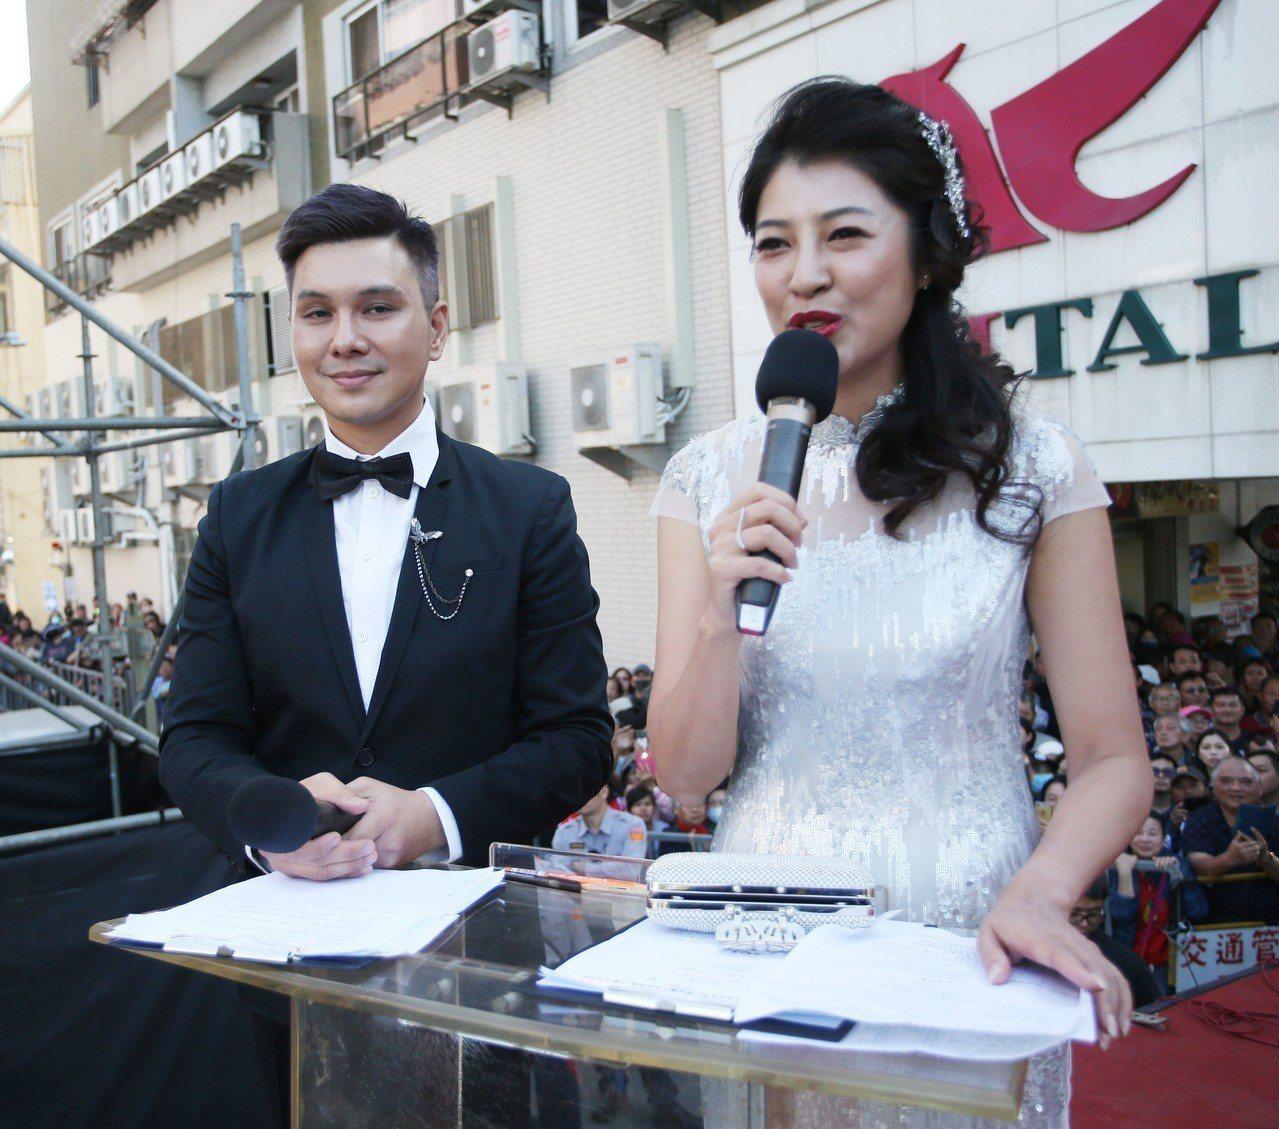 許淑華(右)上午主持高雄市長就職典禮。記者劉學聖/攝影